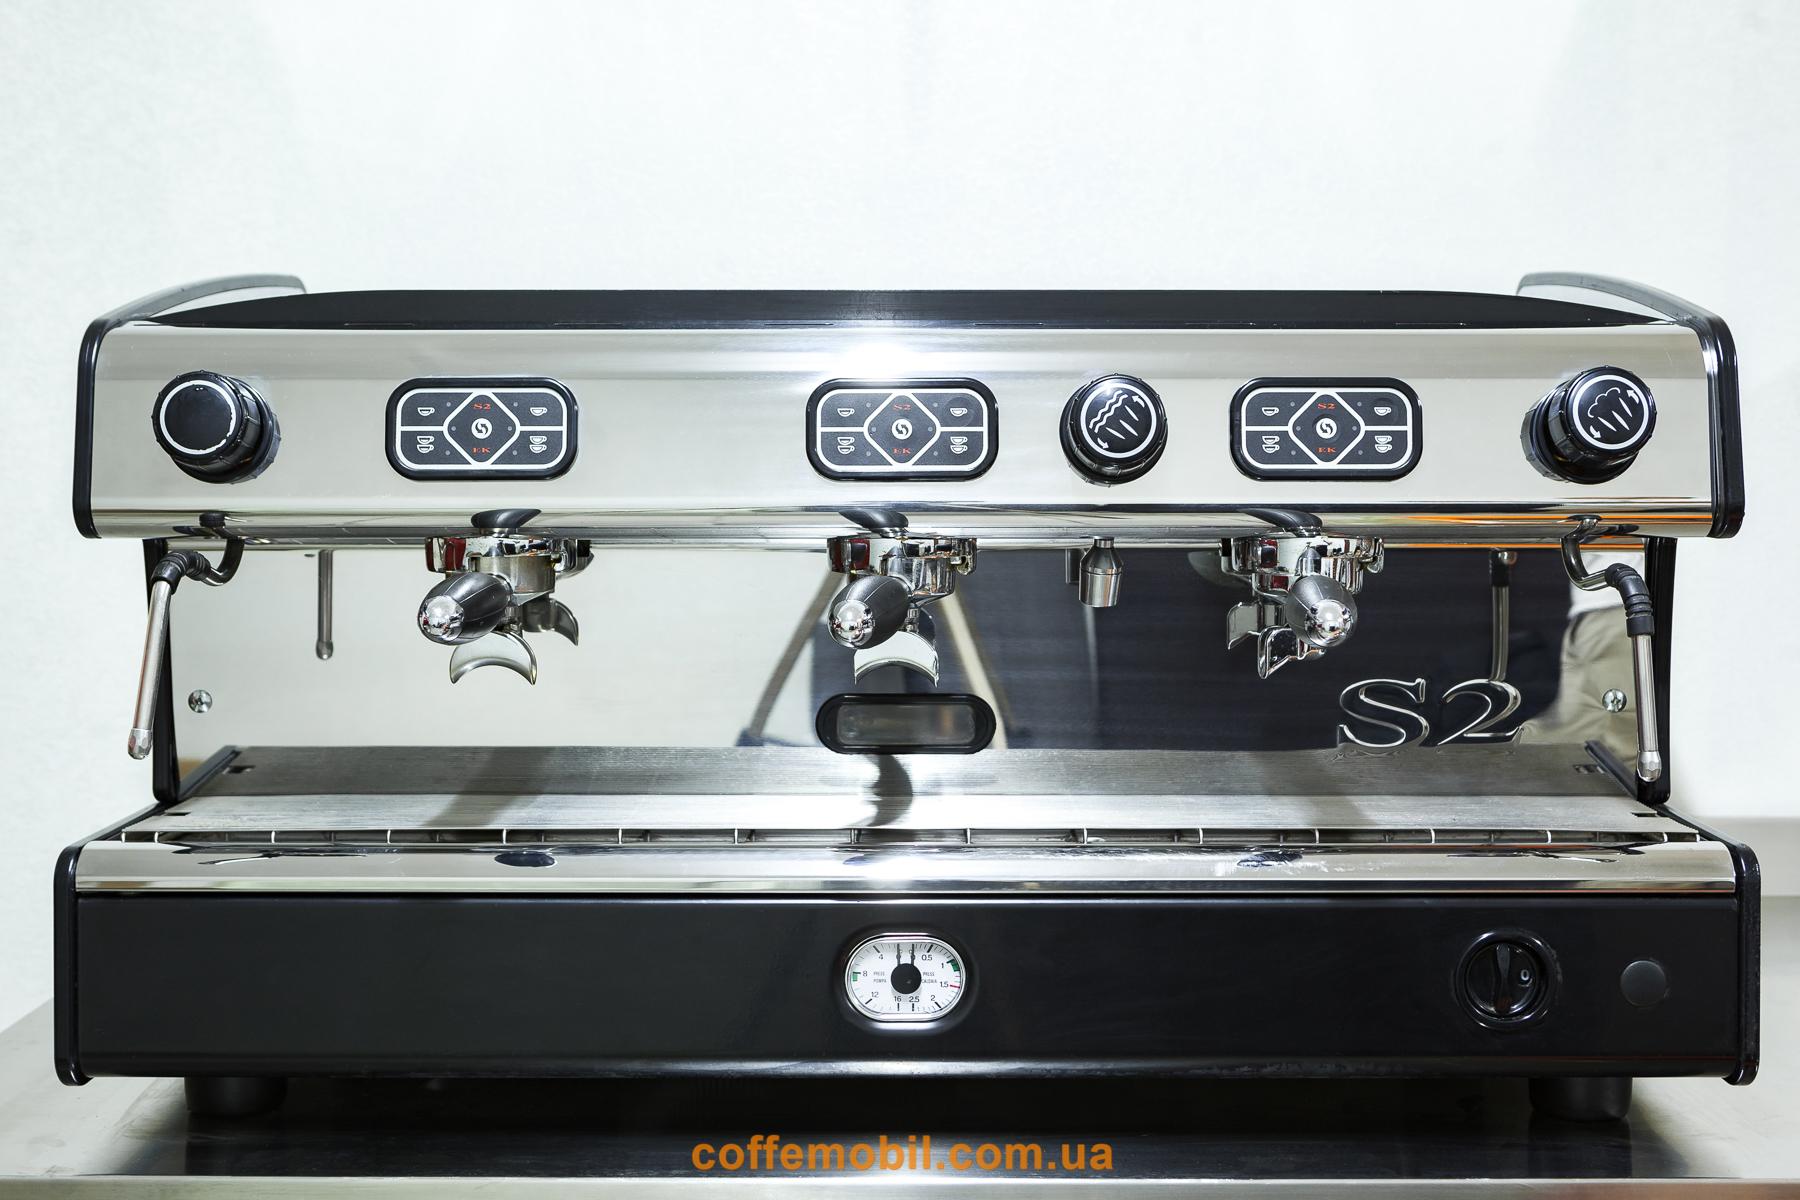 Профессиональная кофемашина Spaziale S2